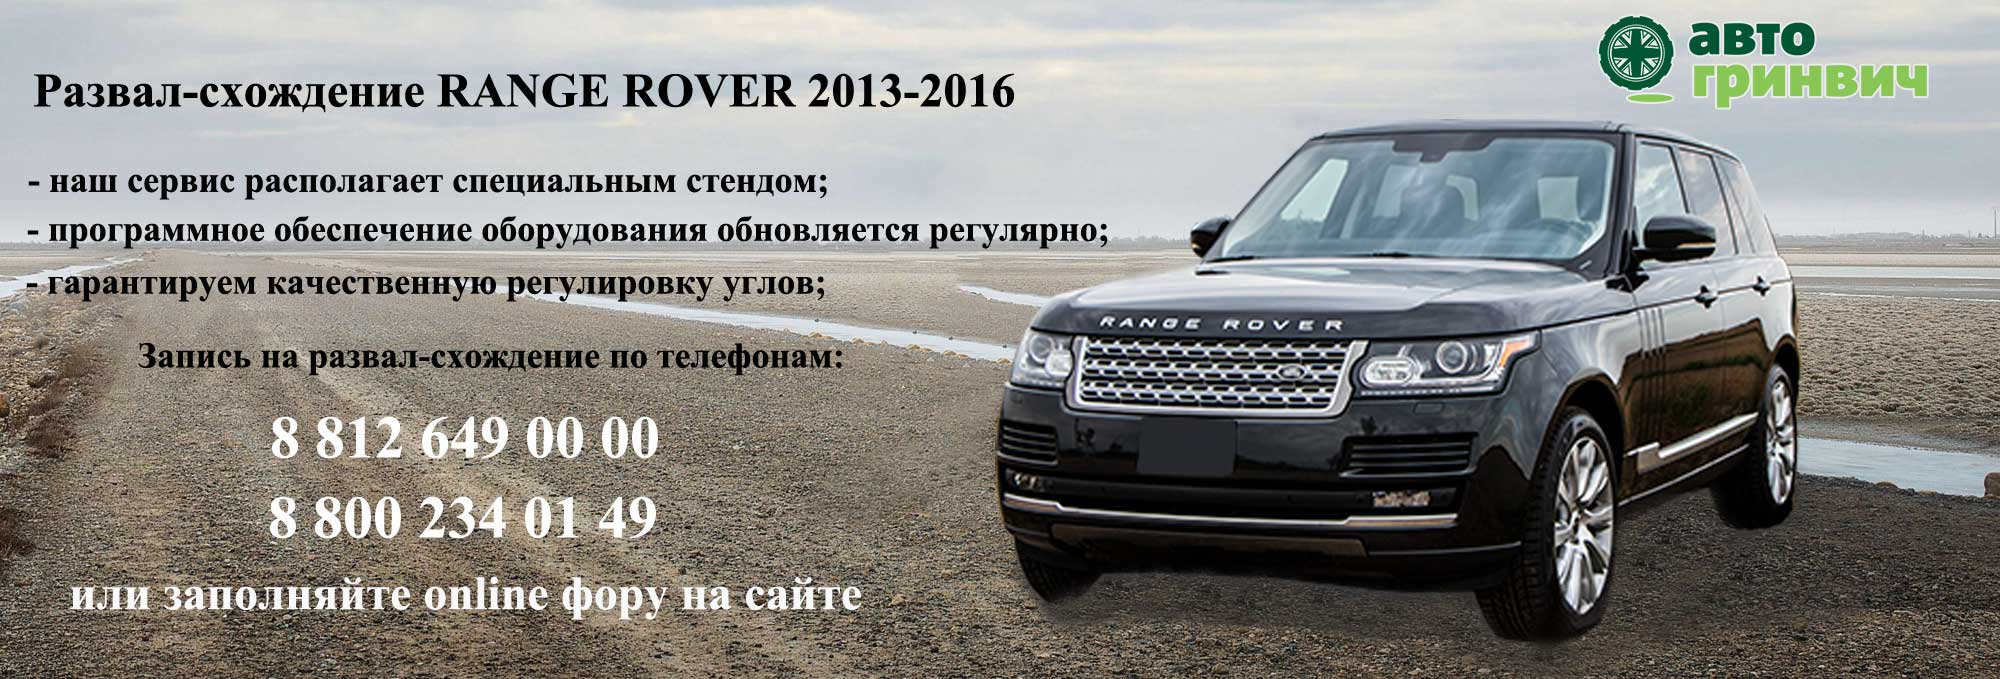 Развал-схождение Range Rover 2013-2016